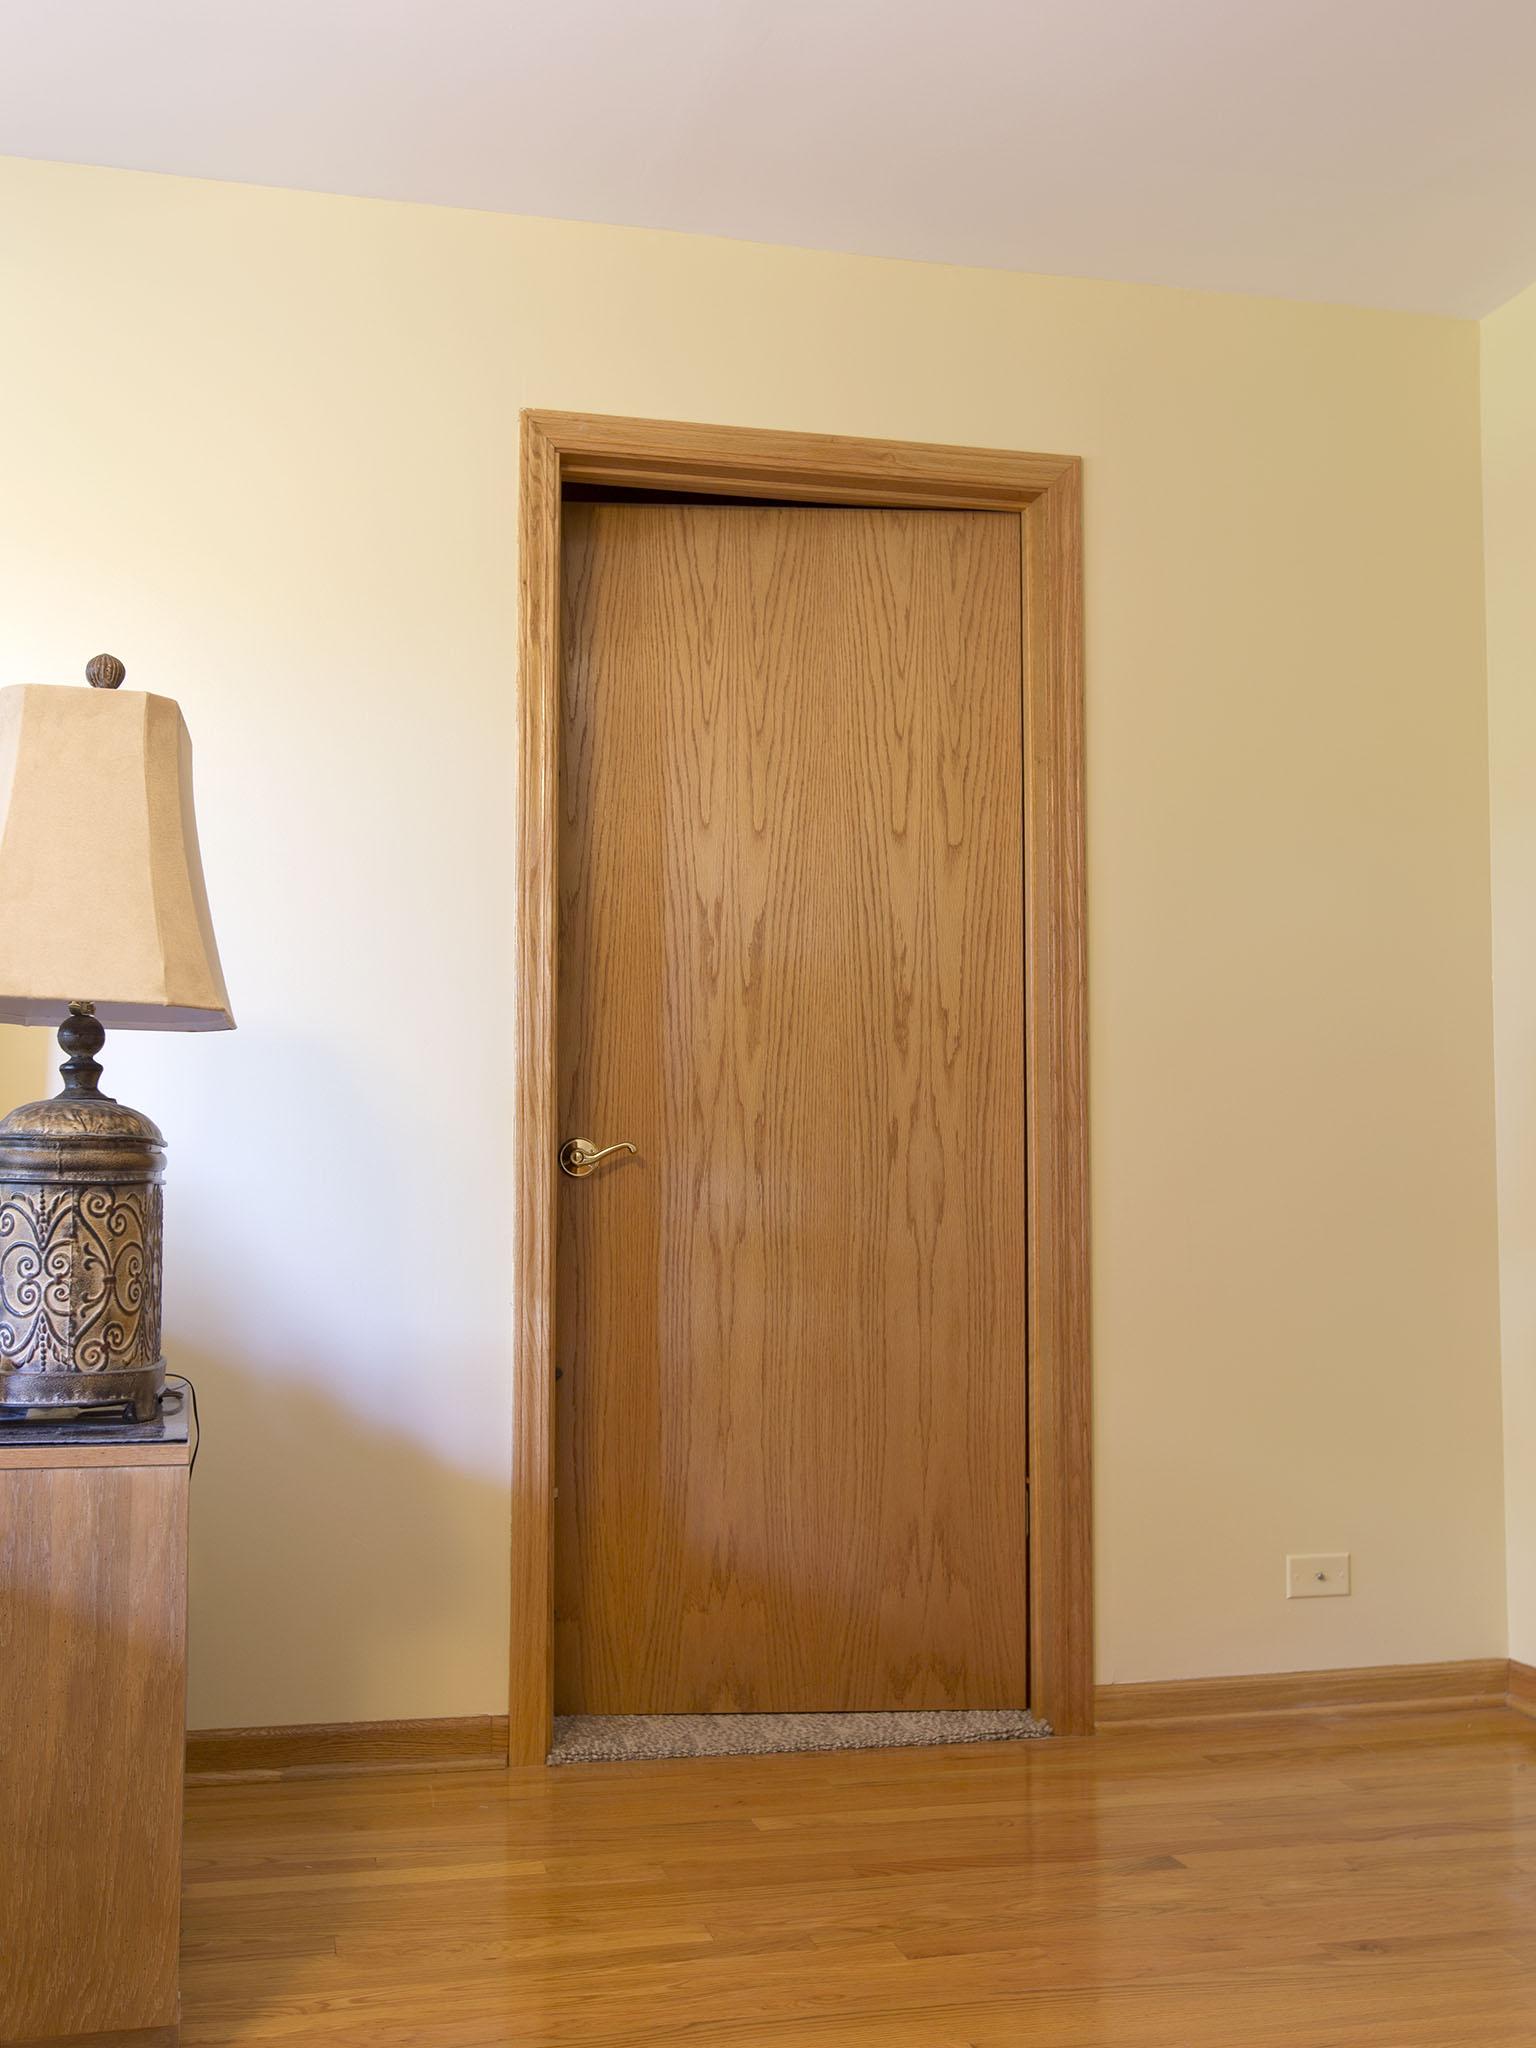 Knotty Alder Doors Installation Beyond Remodeling Inc